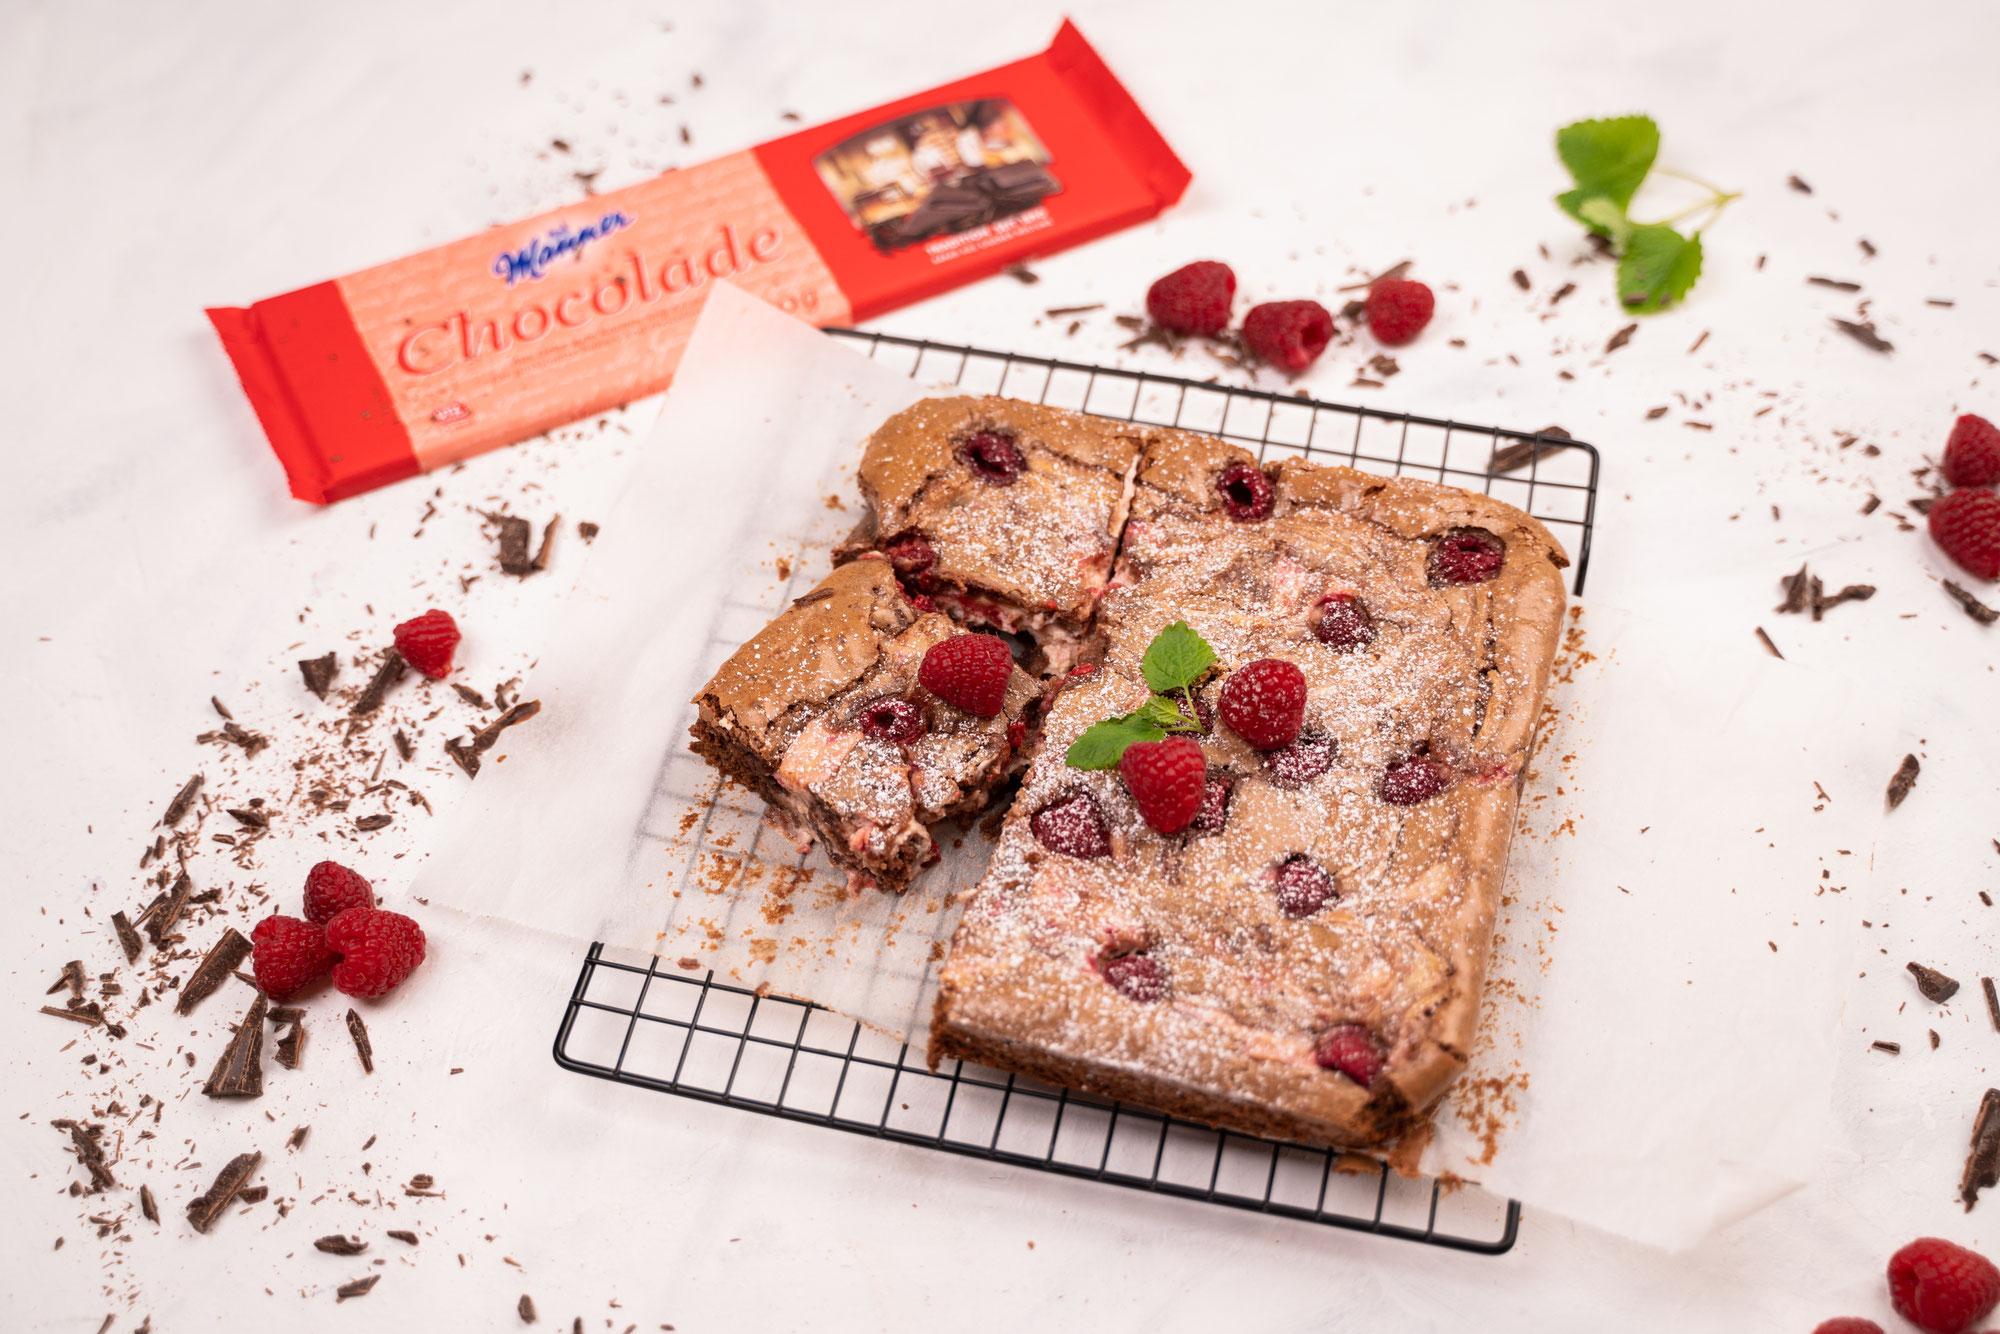 Himbeer Brownies mit Kochschokolade